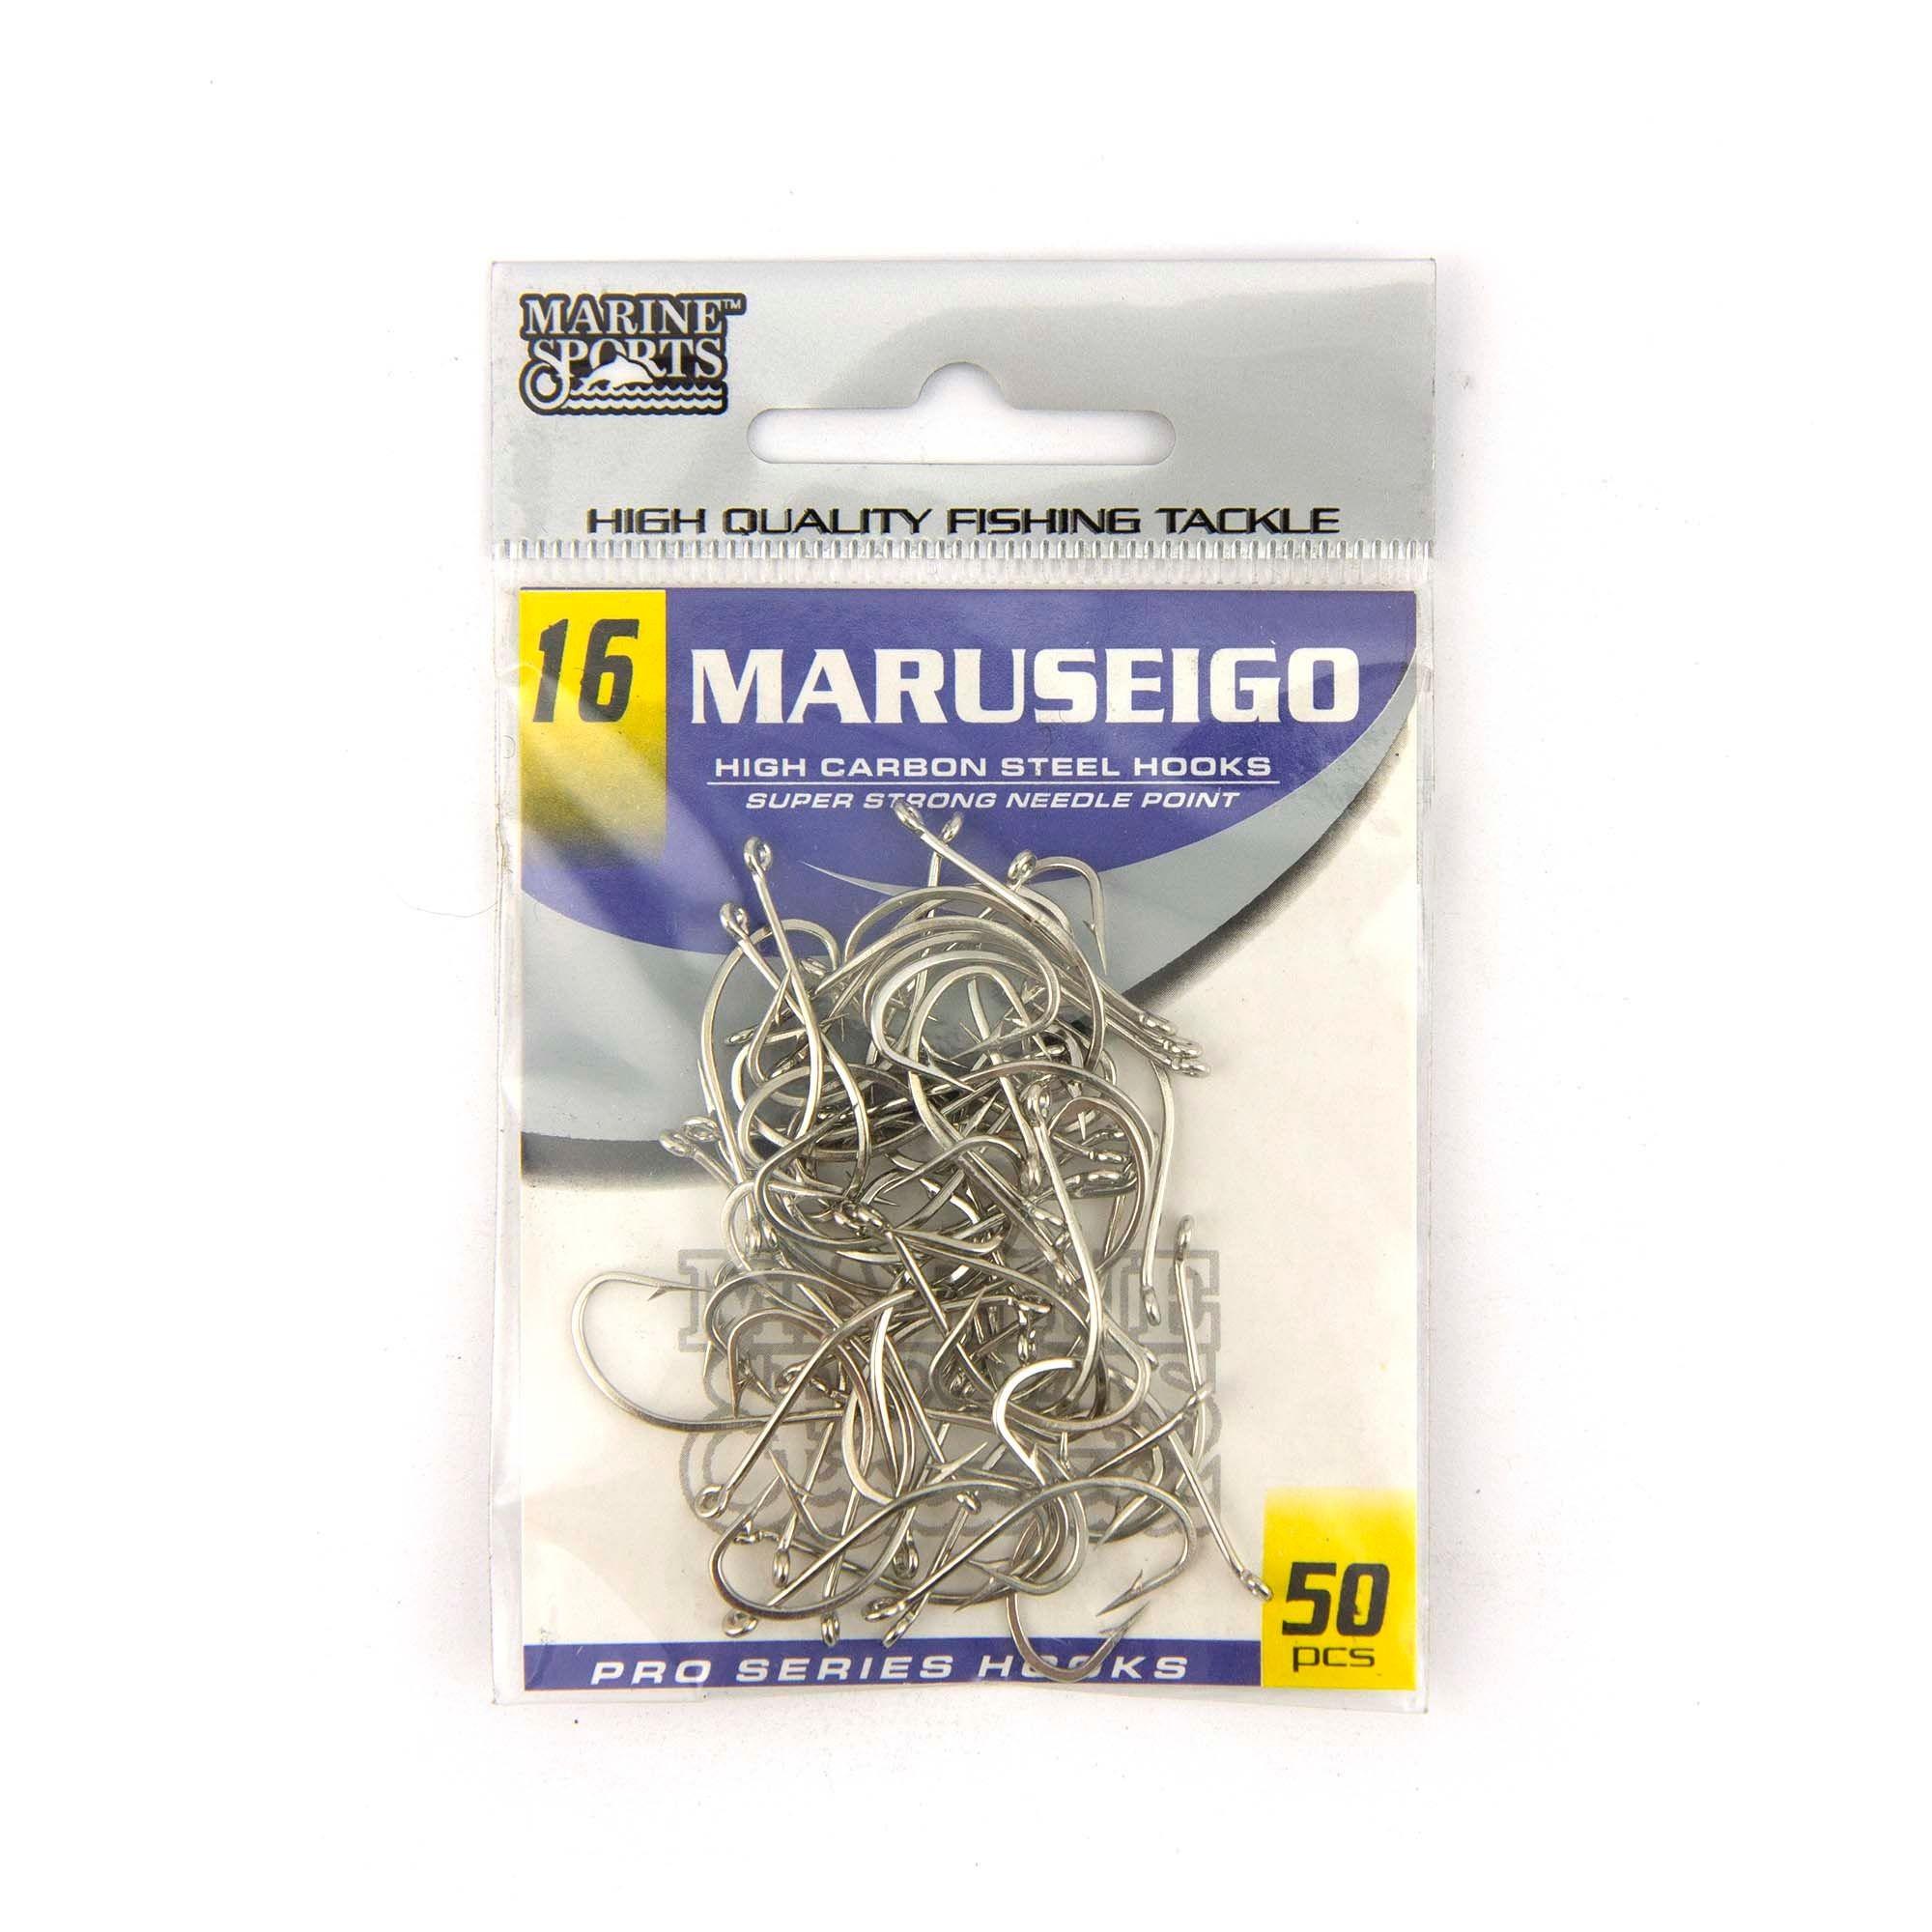 Anzol Maruseigo Nickel nº 16 - 50 unidades  - Artpesca